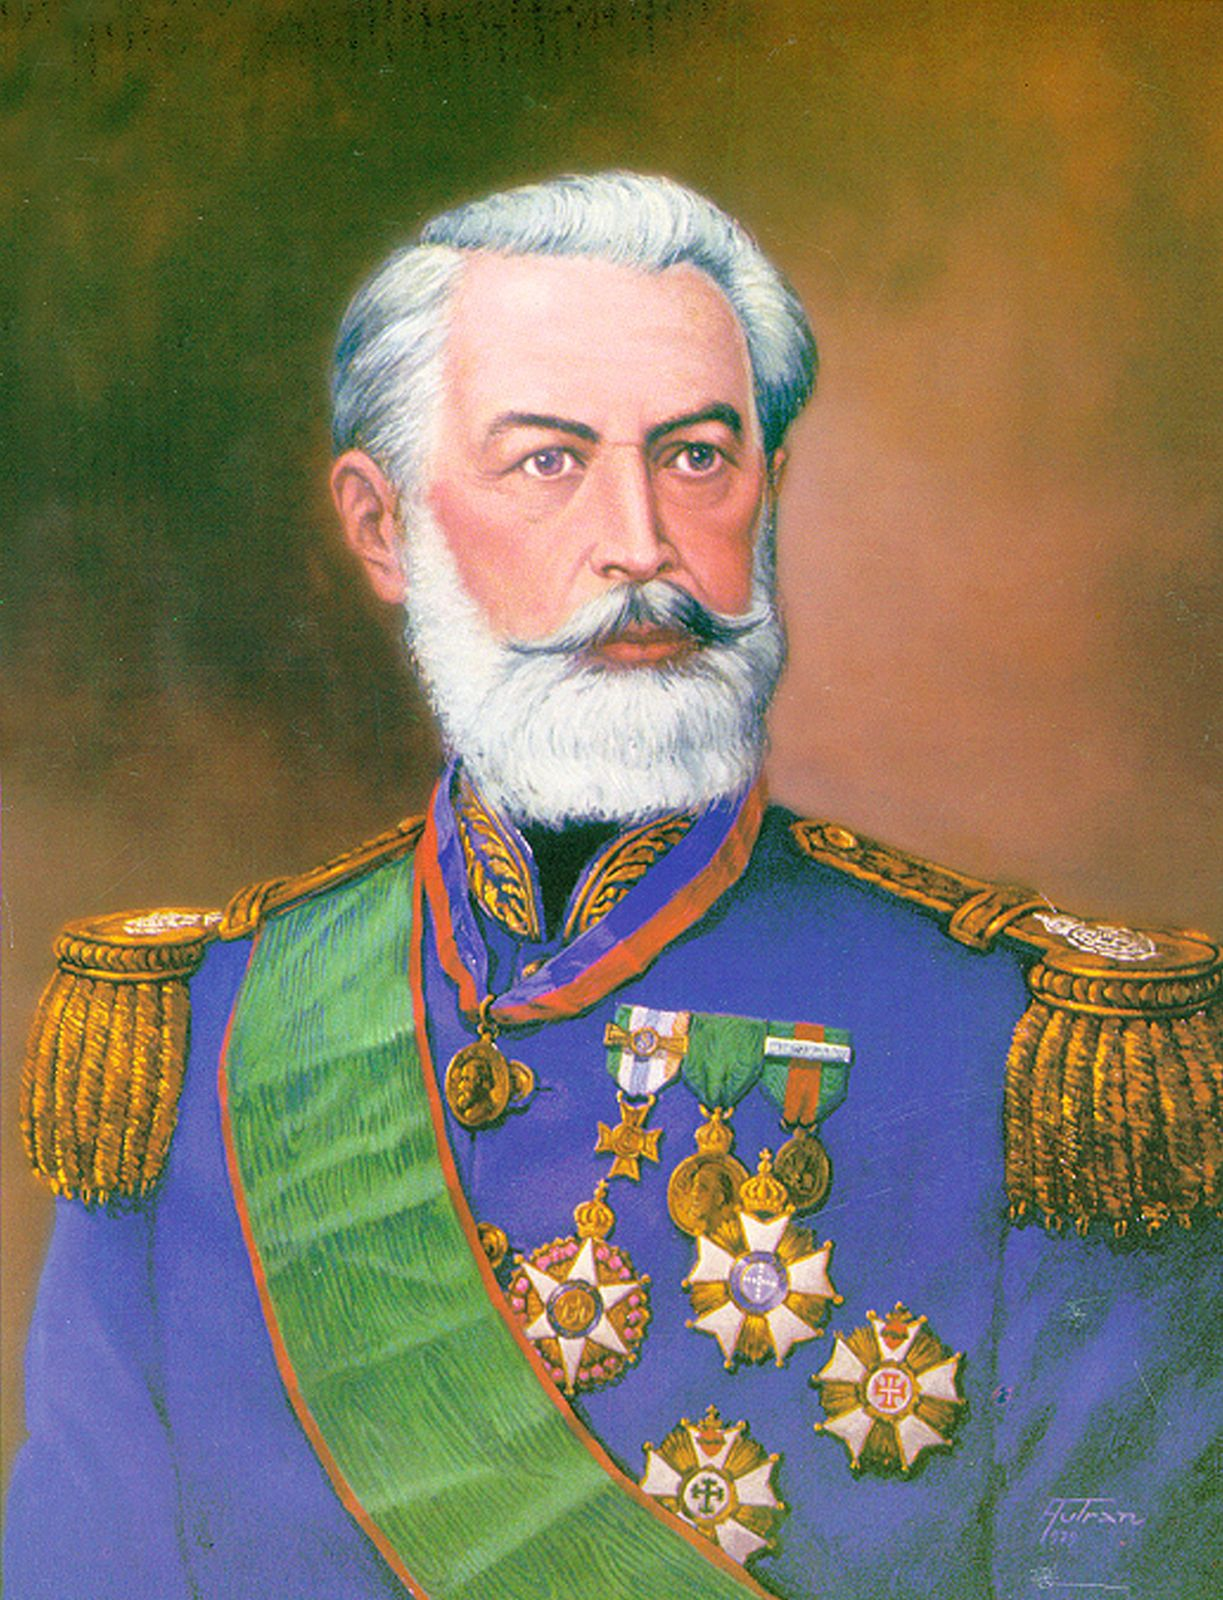 Manuel Luis Osorio Cavalaria Exercito Brasileiro Brasil Imperio